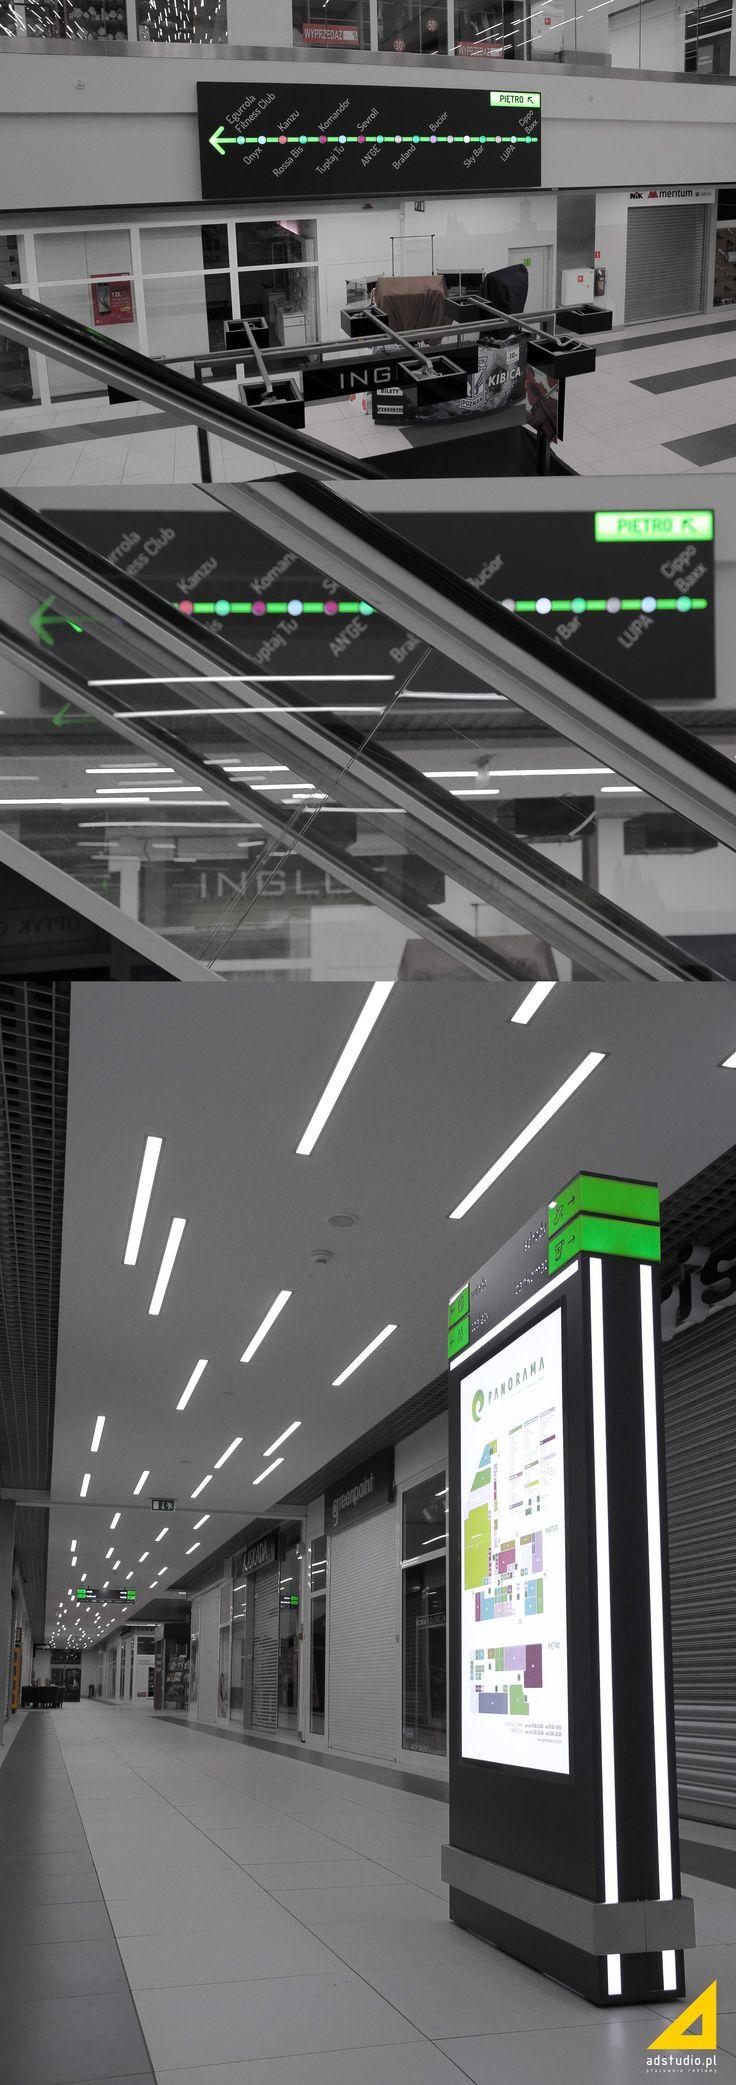 www.adstudio.pl #adstudio_pl #adstudio #signage #design #reklama #reklamawizualna #advertising #litery #kasetony #literyprzestrzenne #letters #logo #oznakowanie #panorama #galeriapanorama #chpanorama